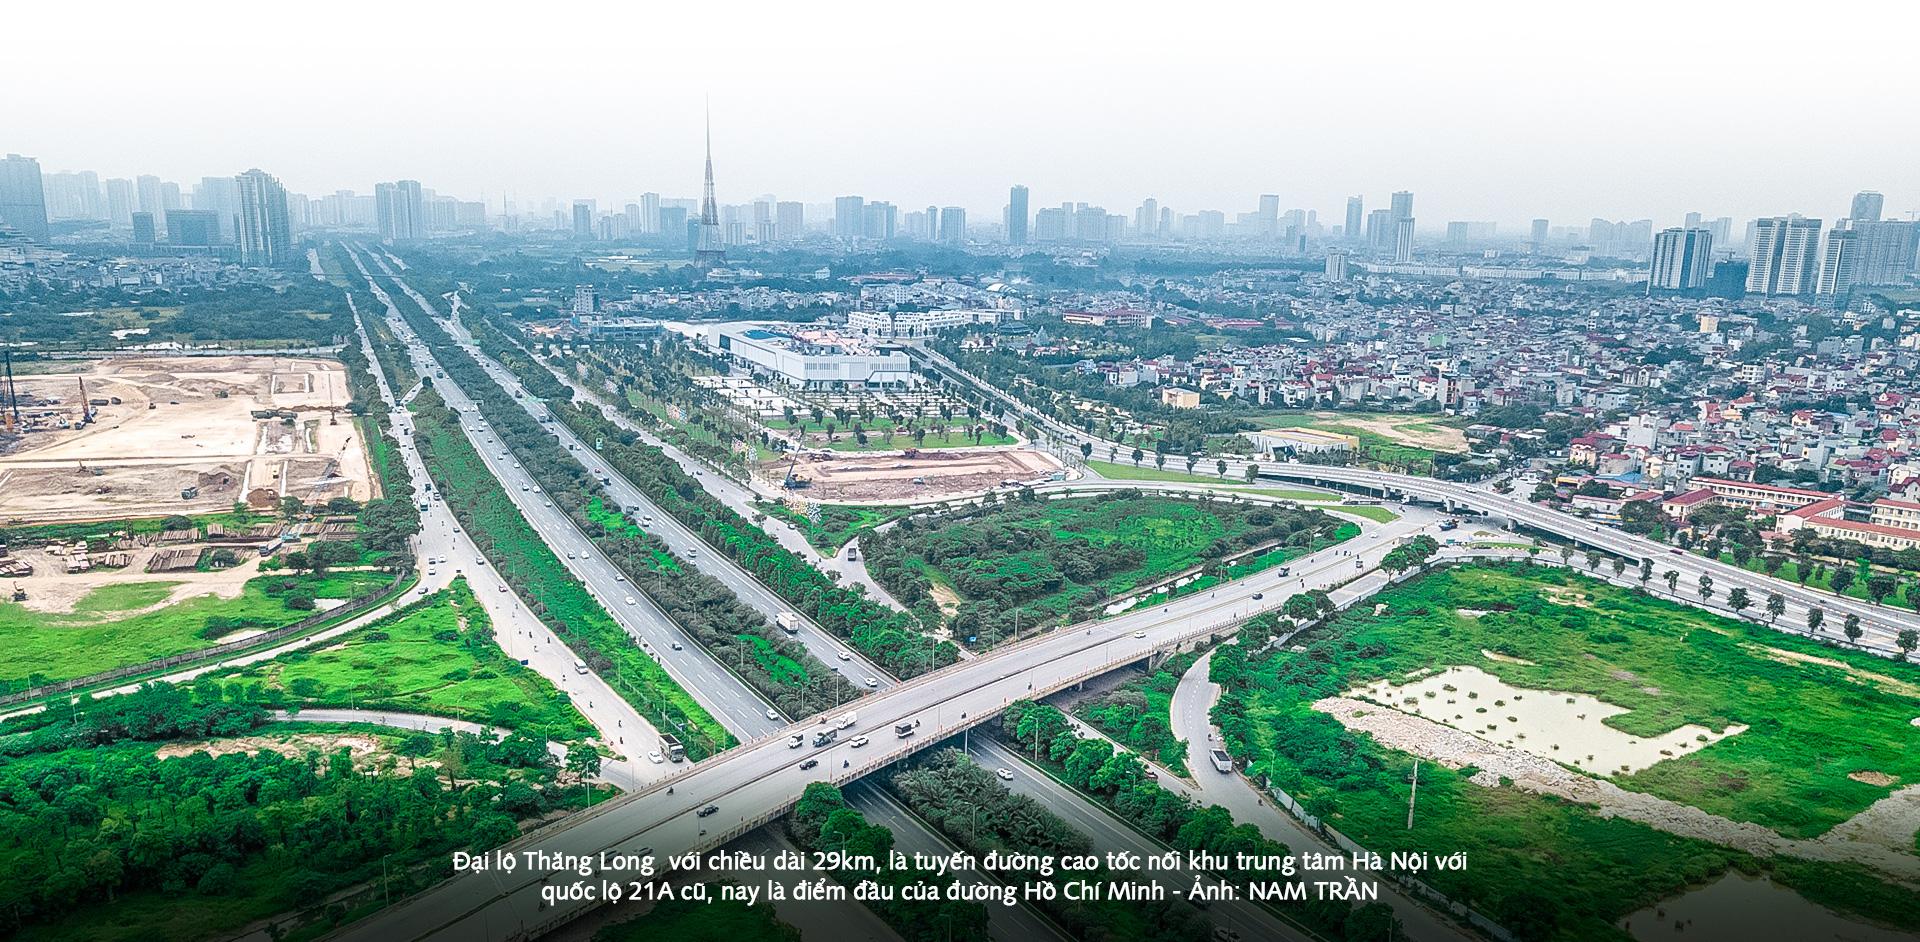 Trung tâm mới phía Tây Hà Nội thu hút nhà đầu tư quốc tế - Ảnh 12.